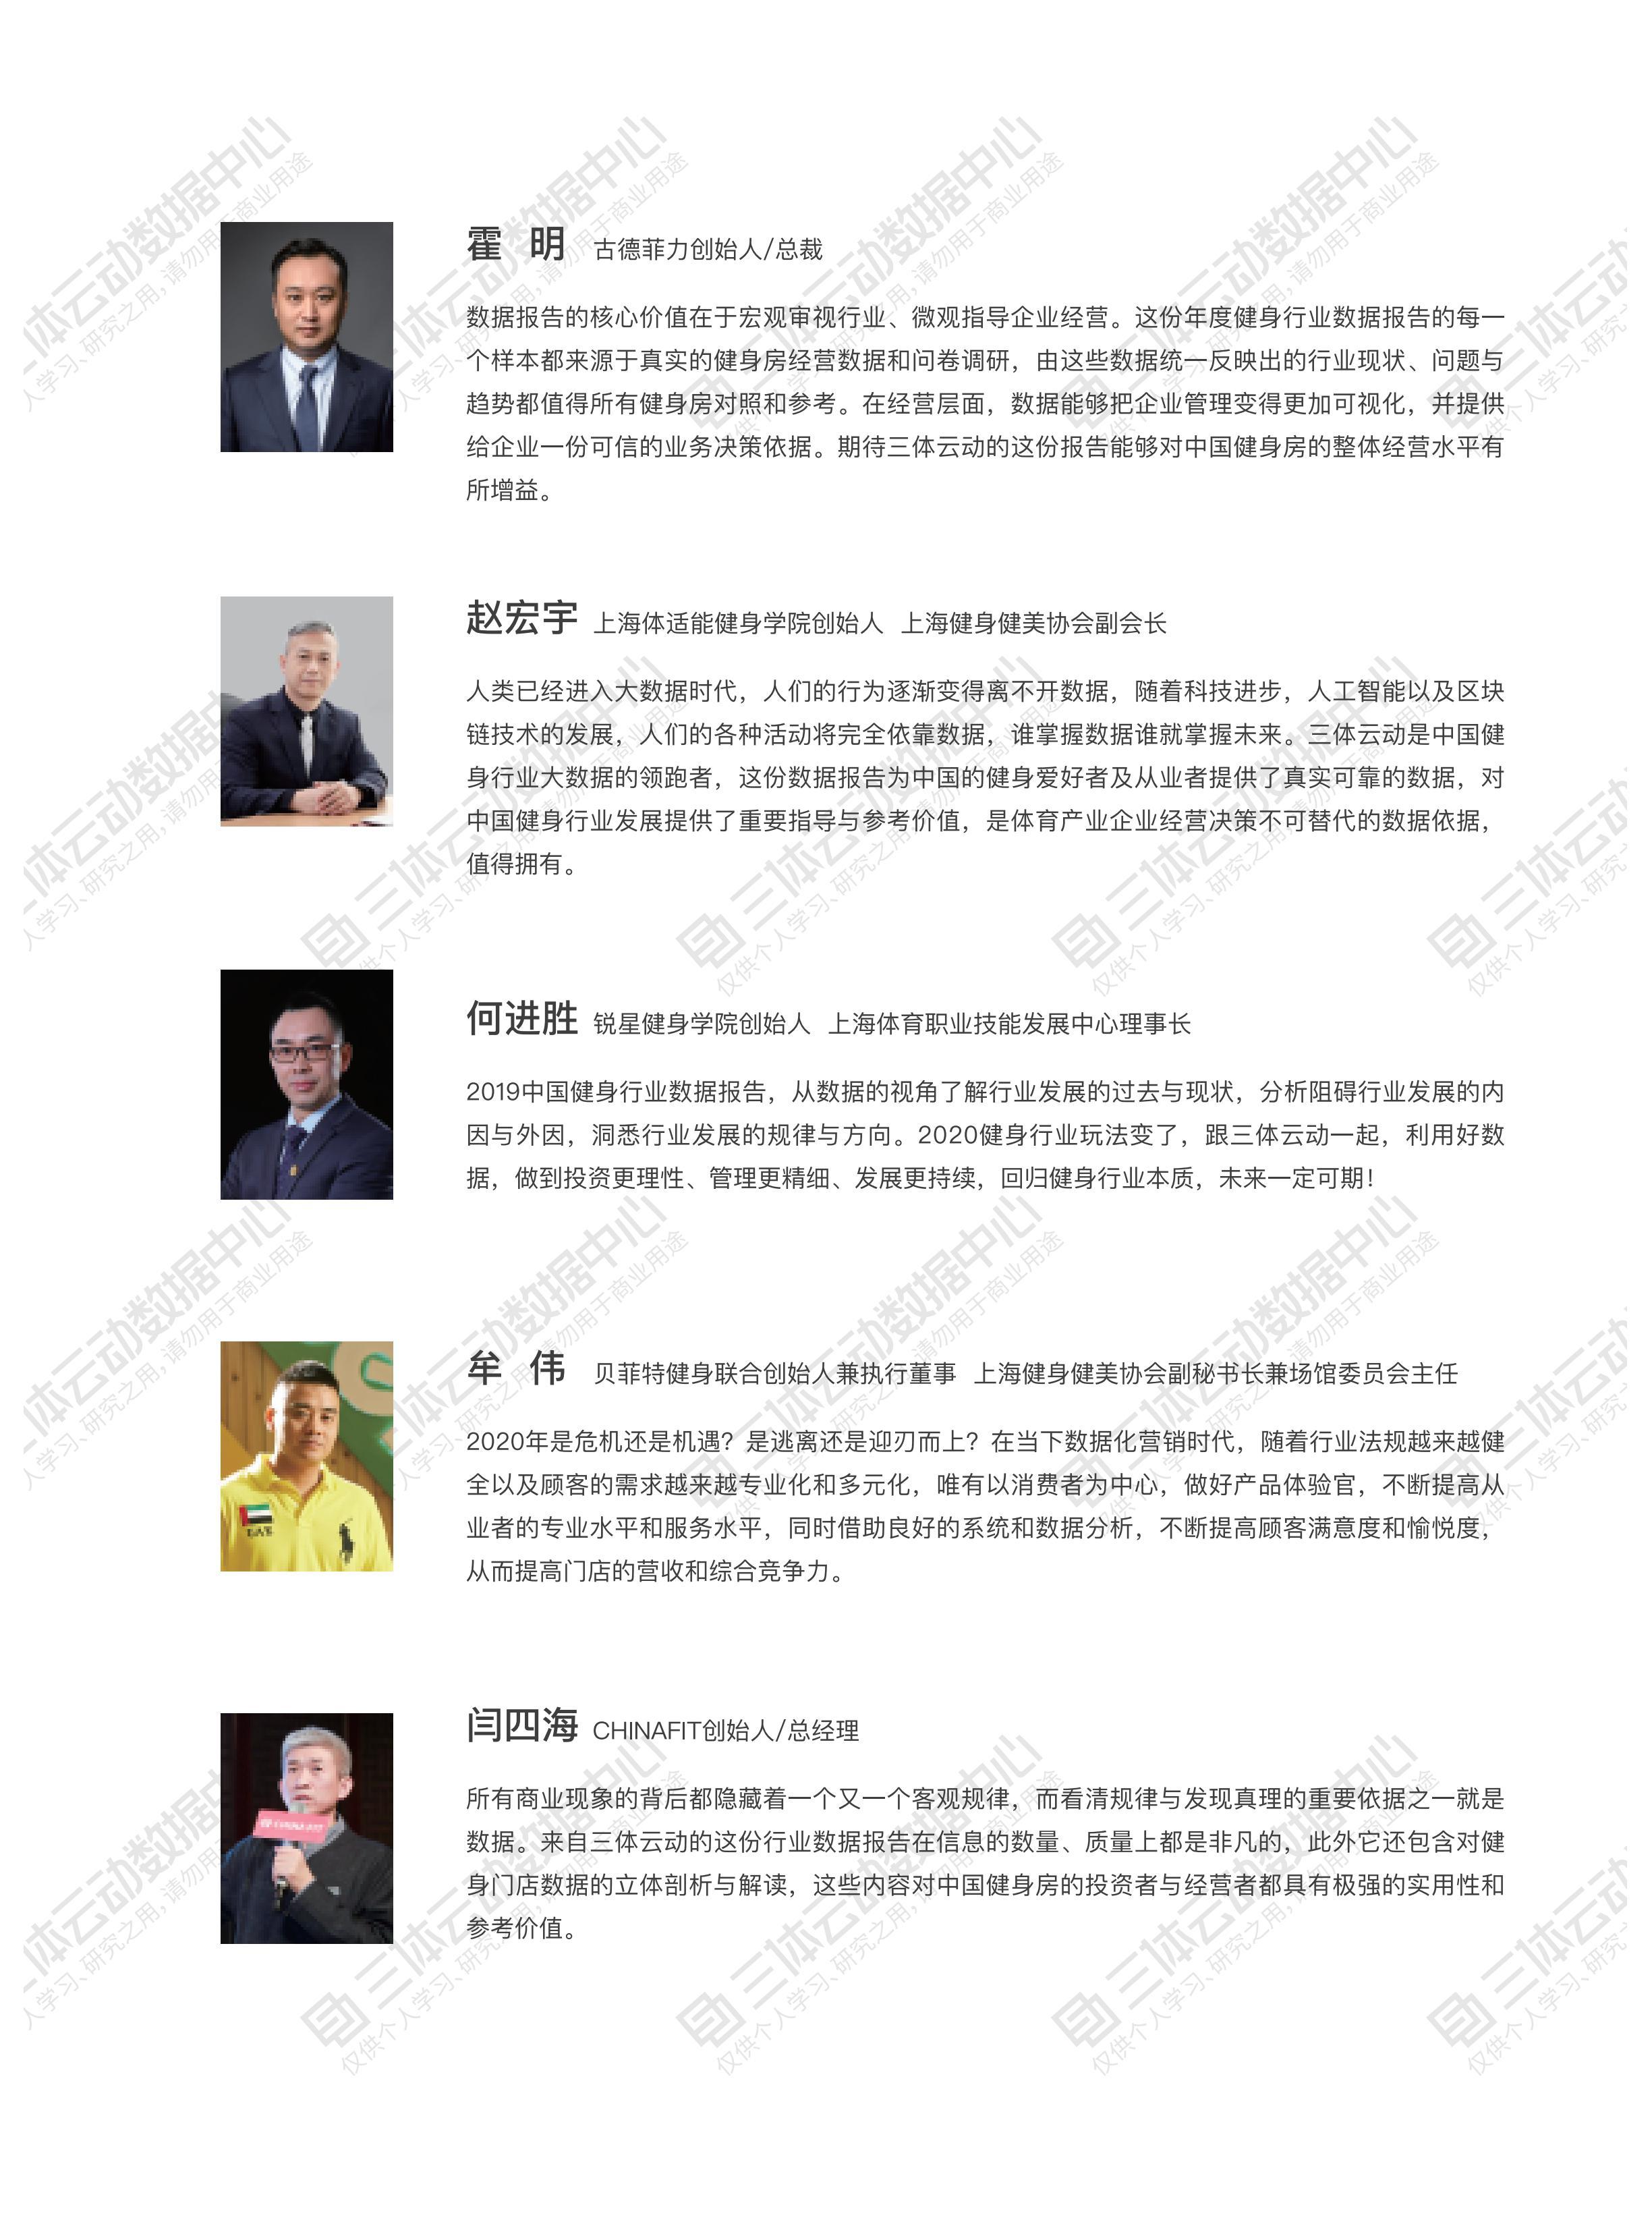 【免费下载】三体云动2019中国健身行业数据报告(简版)插图(5)